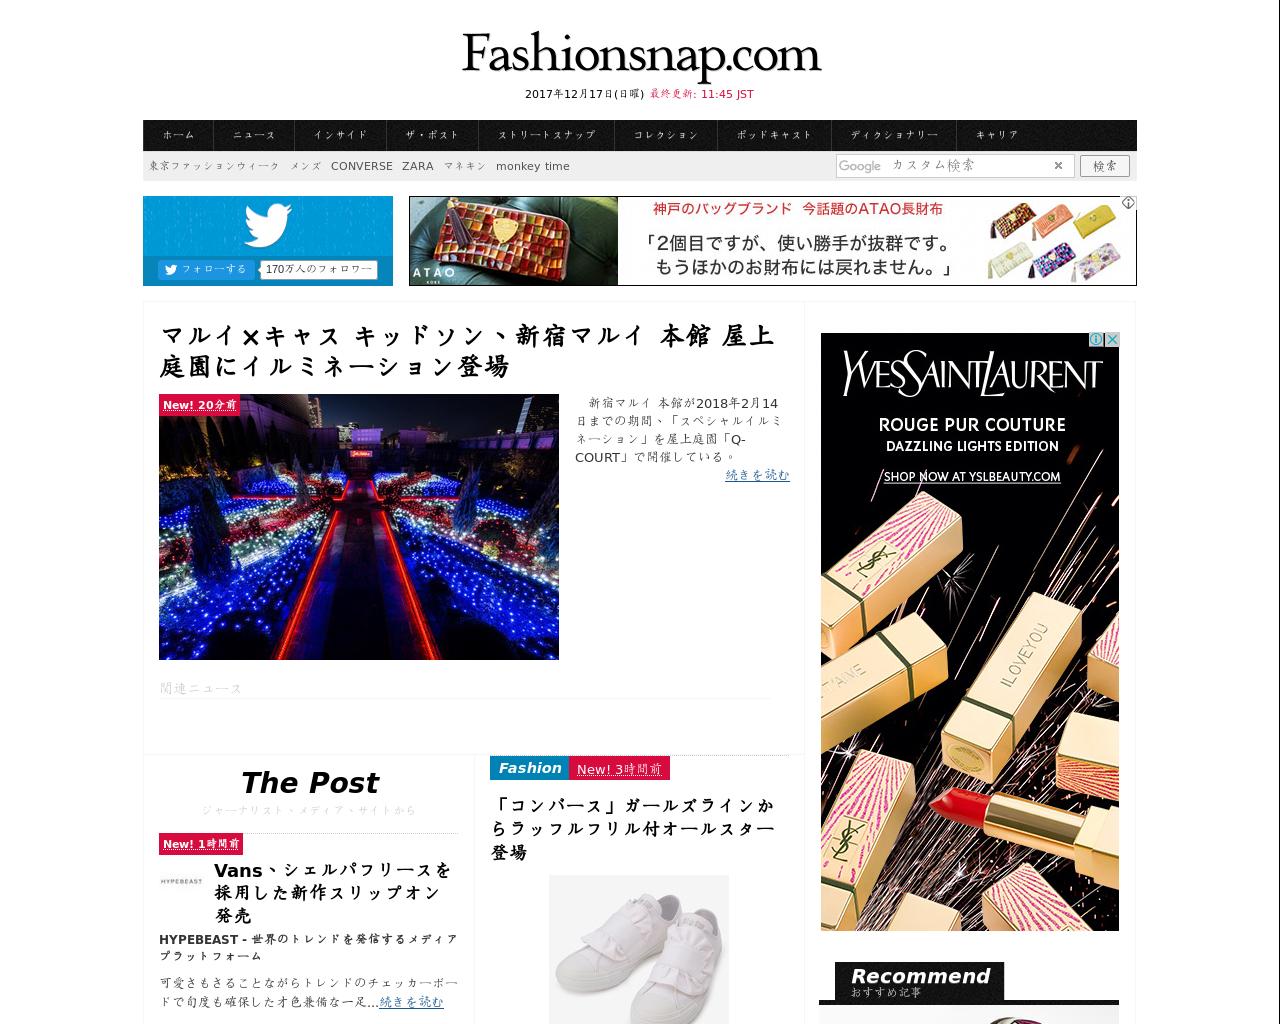 www.fashionsnap.com(2017/12/17 11:50:41)